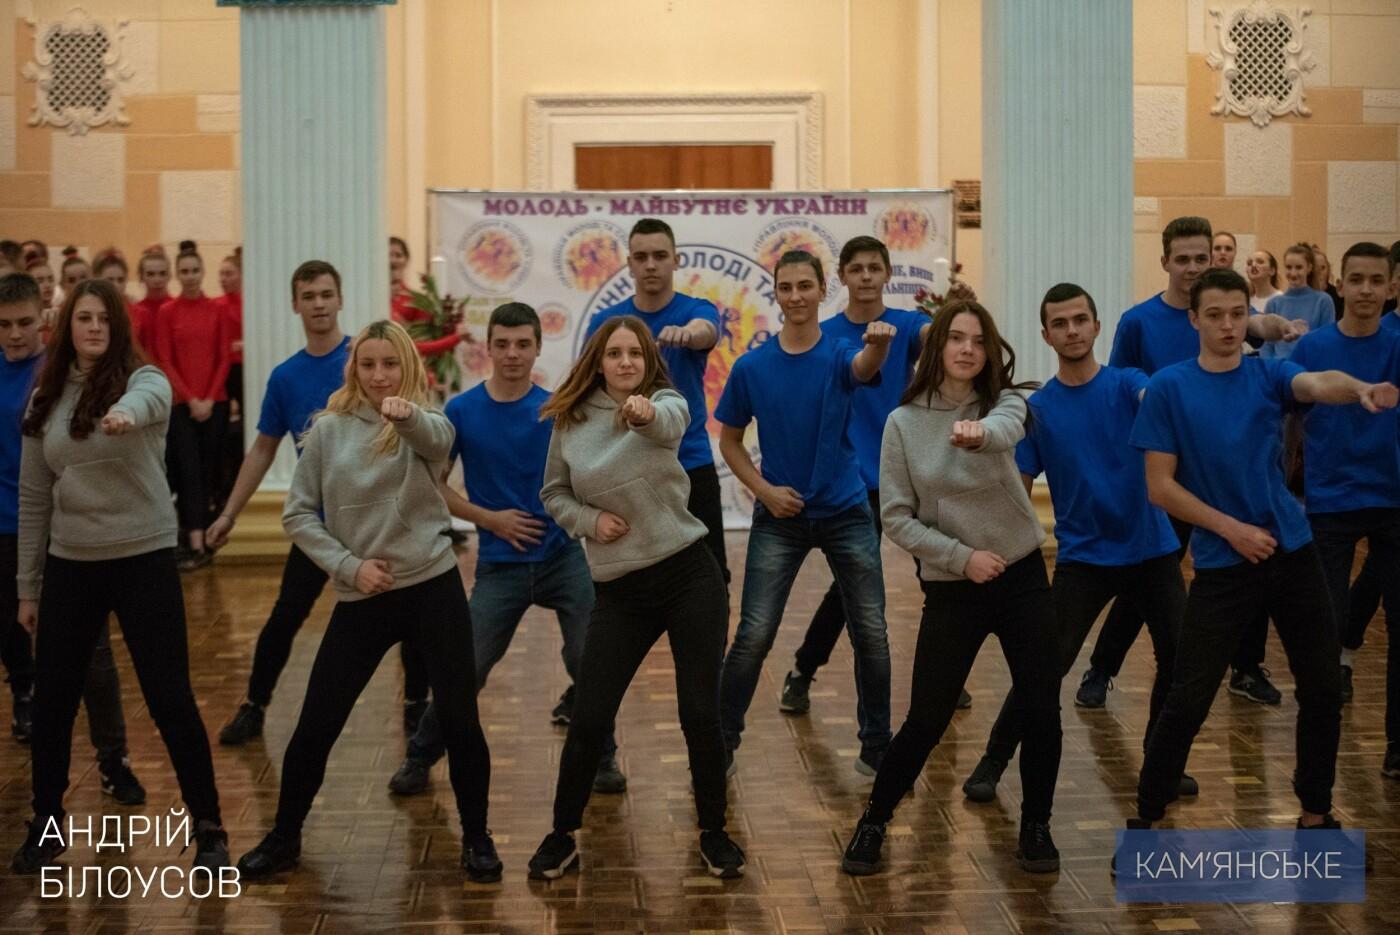 В Каменском прошел танцевальный конкурс среди молодежи Dance Winter fairy tale, фото-3